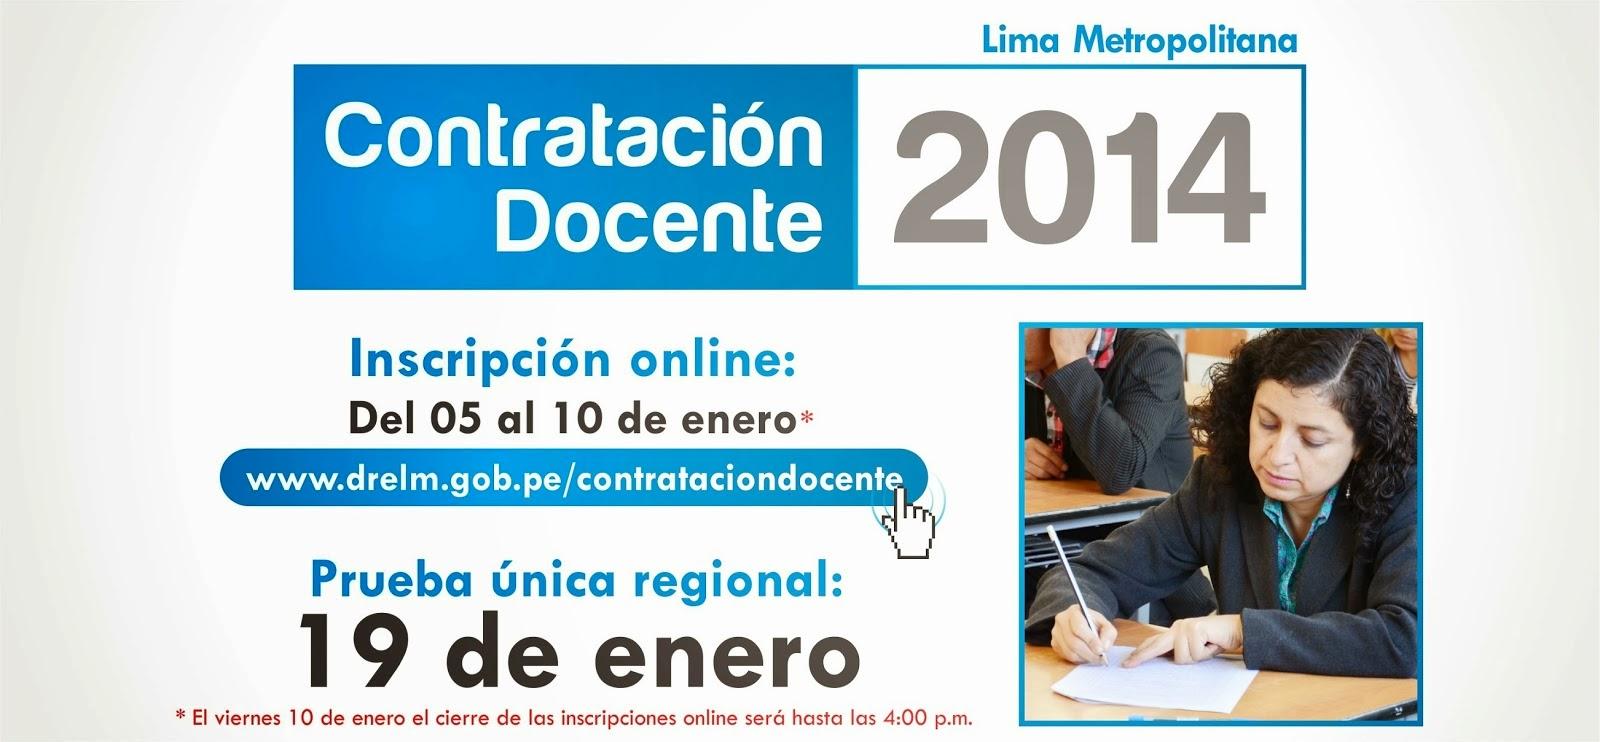 Resultados Contrato Docente del 19 de Enero 2014 UNSAAC DRE CUSCO